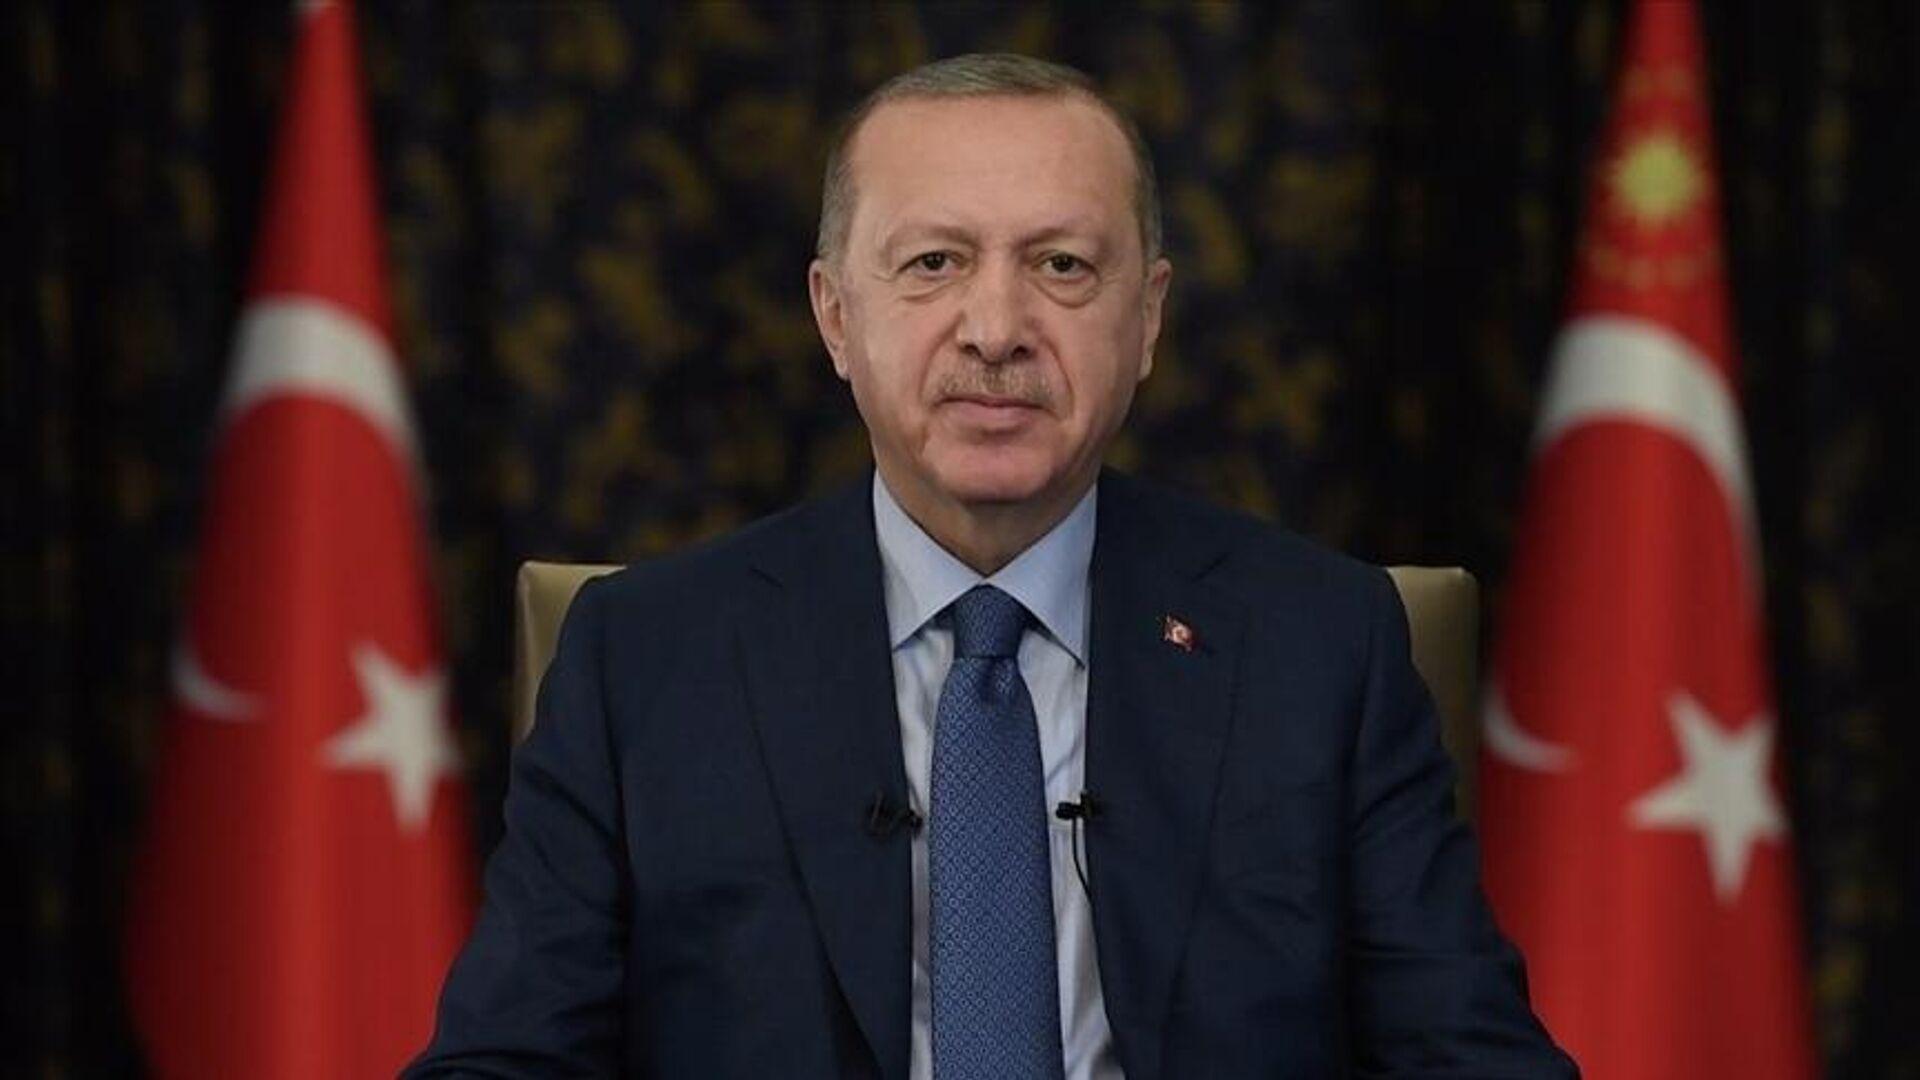 Cumhurbaşkanı Erdoğan: Önümüzde büyük ve güçlü Türkiye'yi inşa edeceğimiz bir dönem var - Sputnik Türkiye, 1920, 24.09.2021